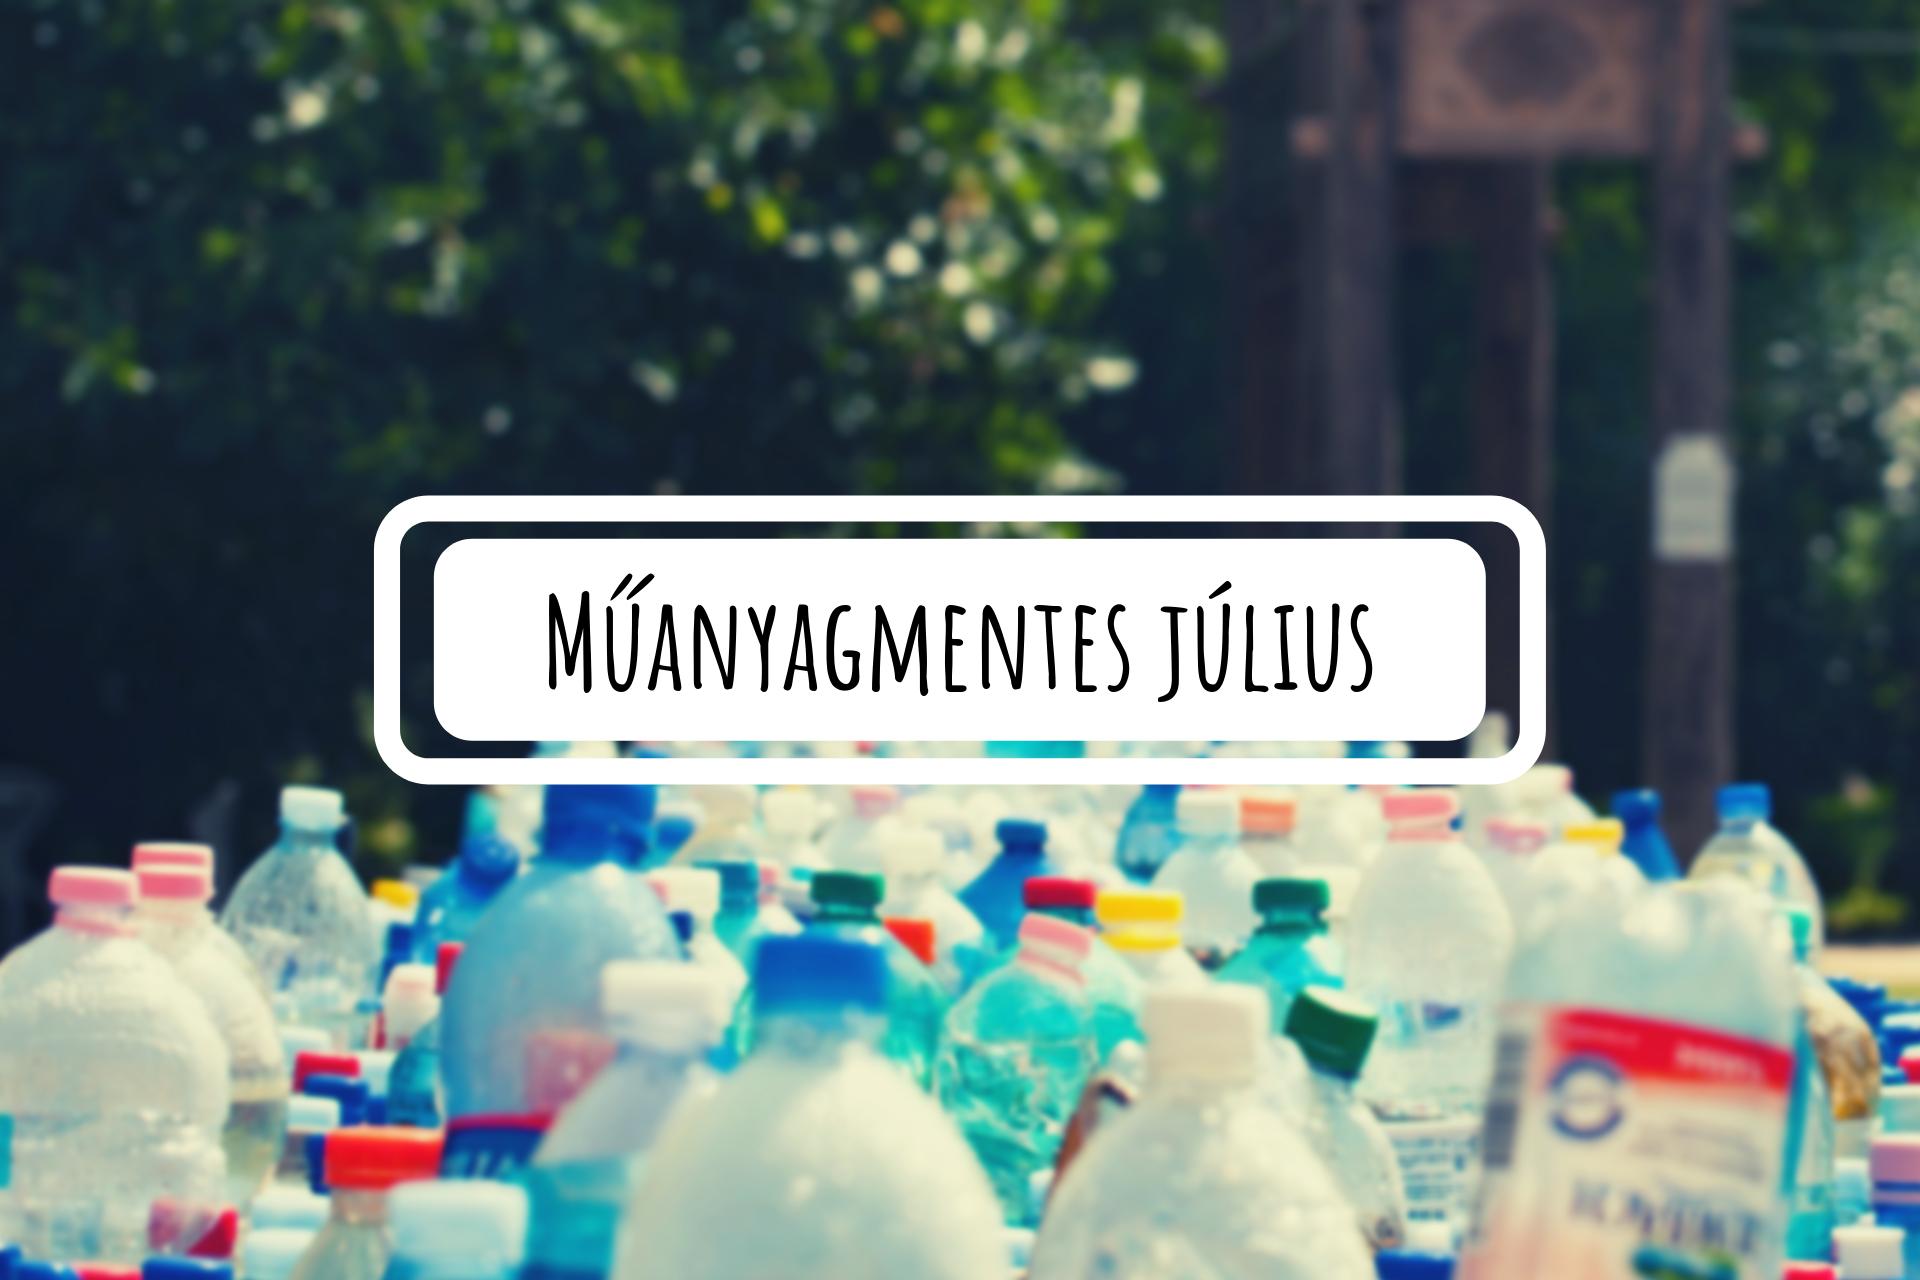 muanyagmentes_julius.png